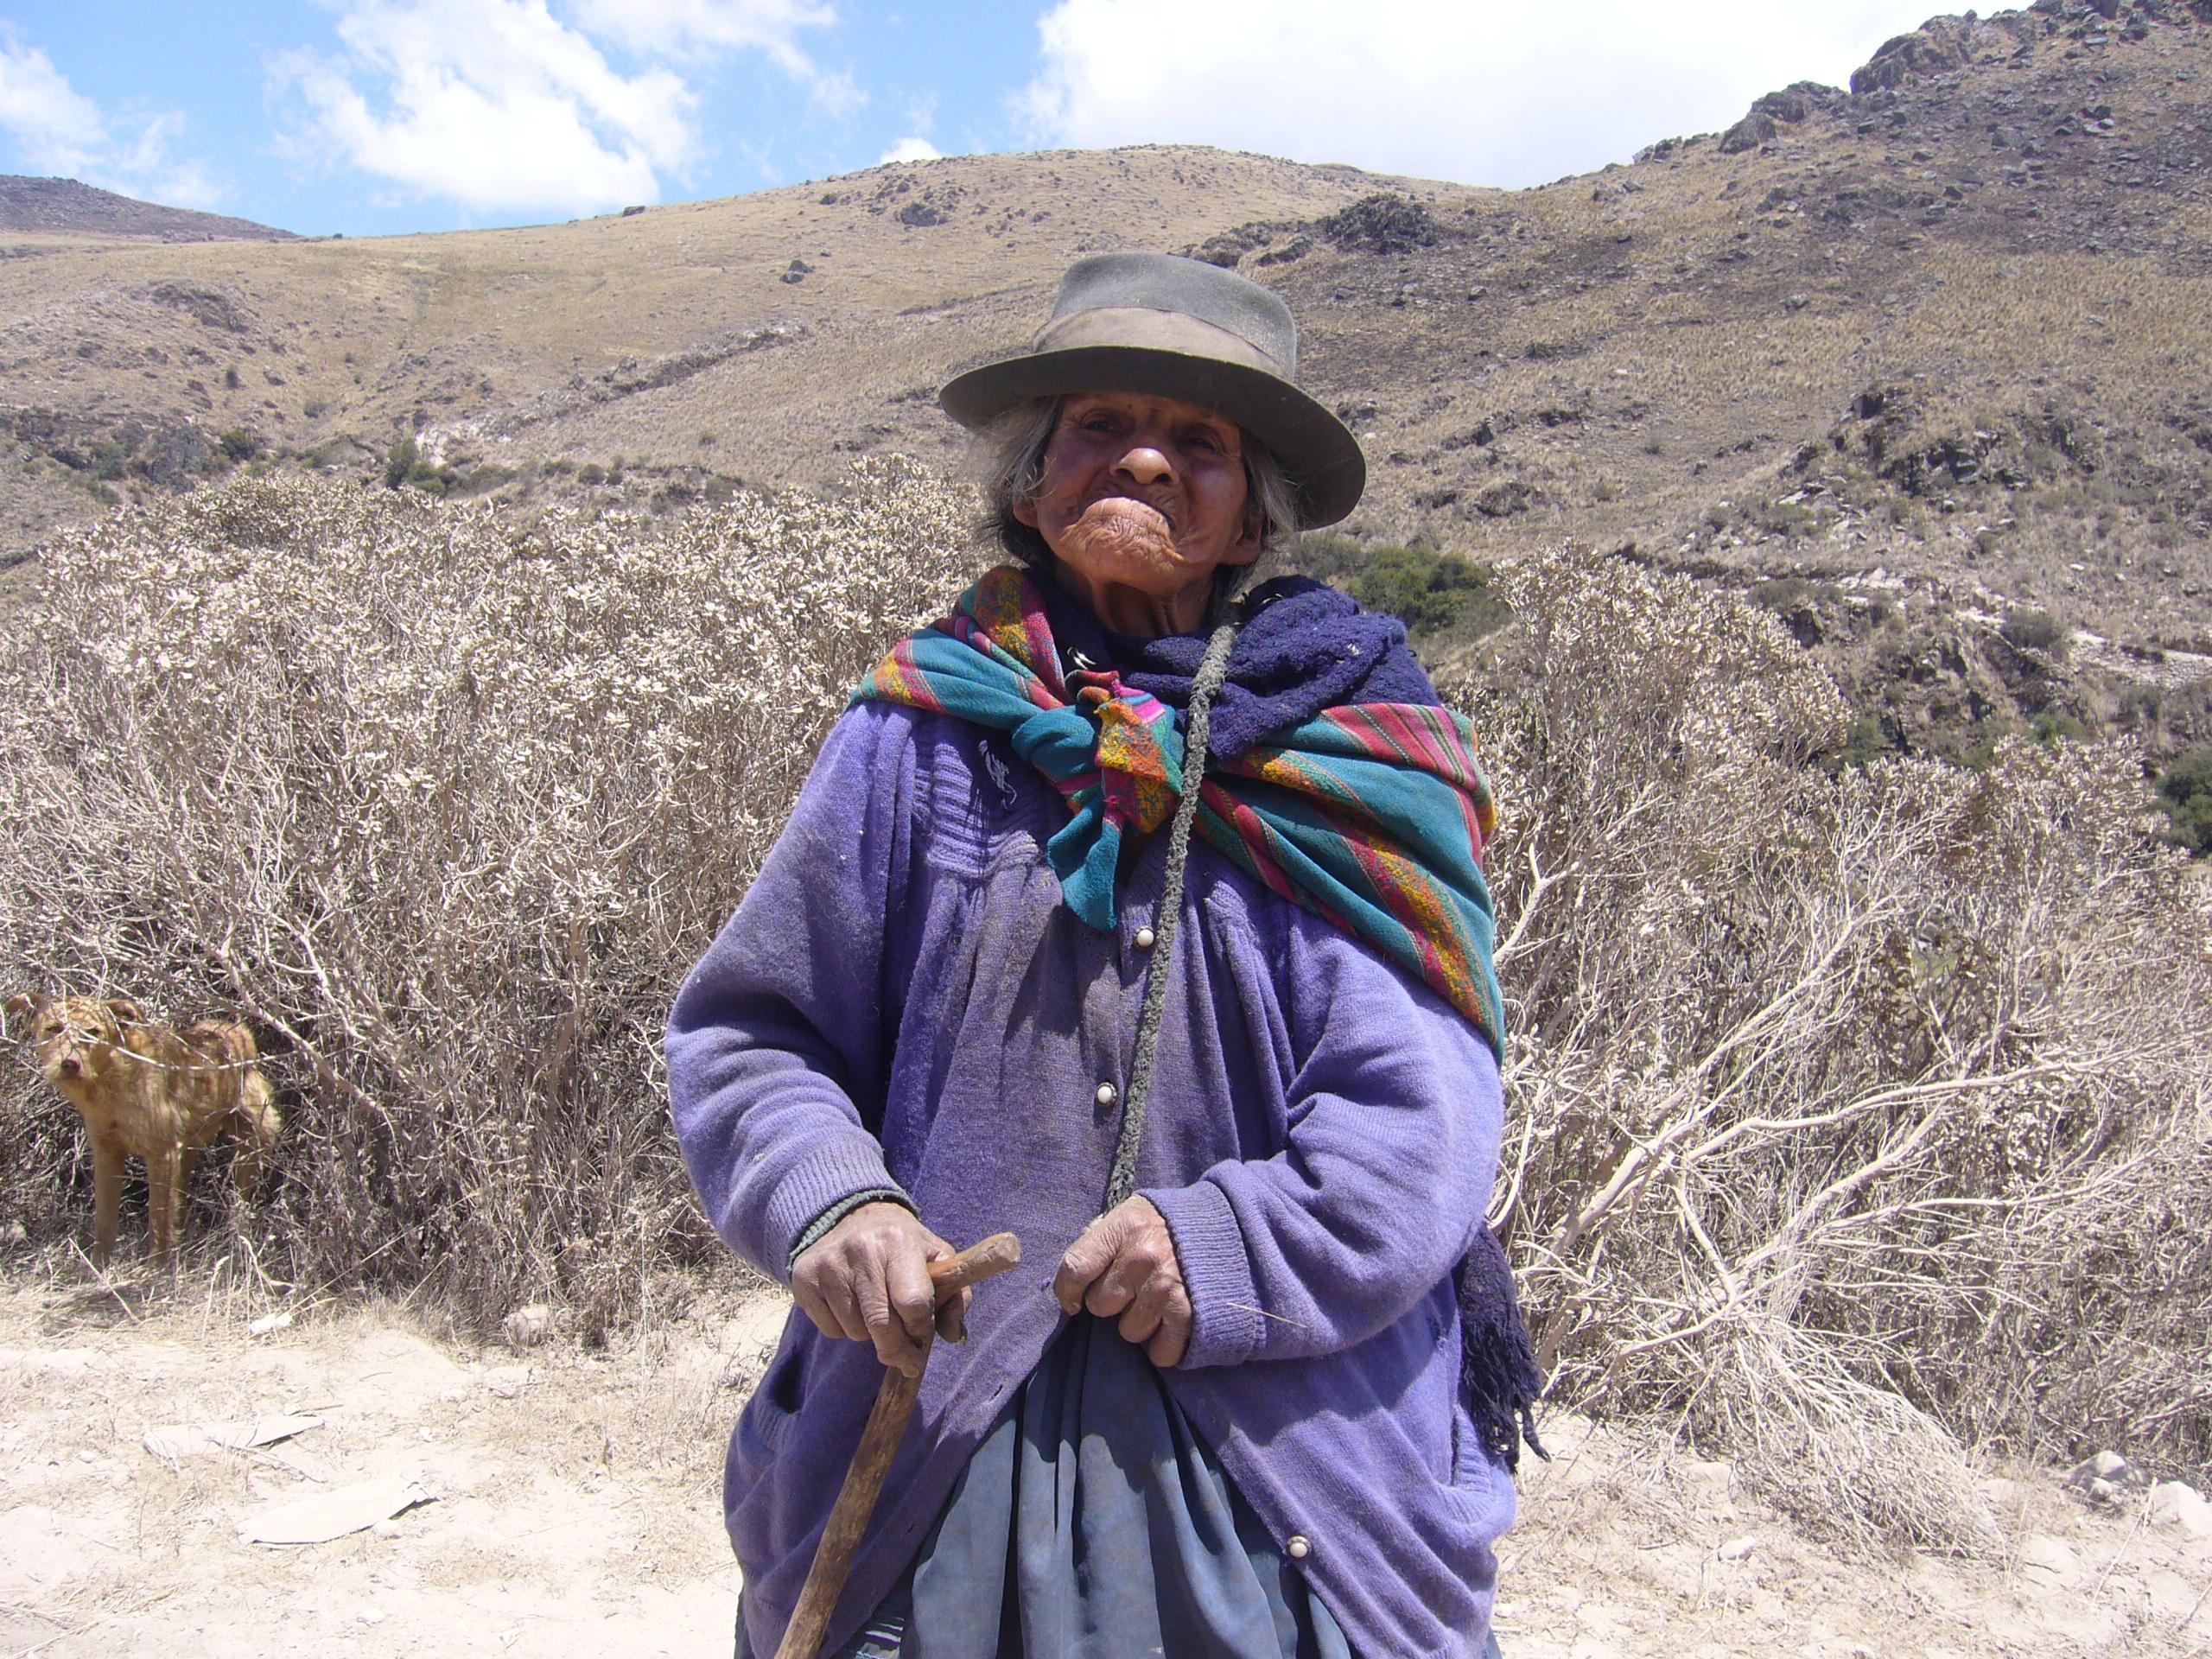 Radreise Peru 2008 - Alte Frau